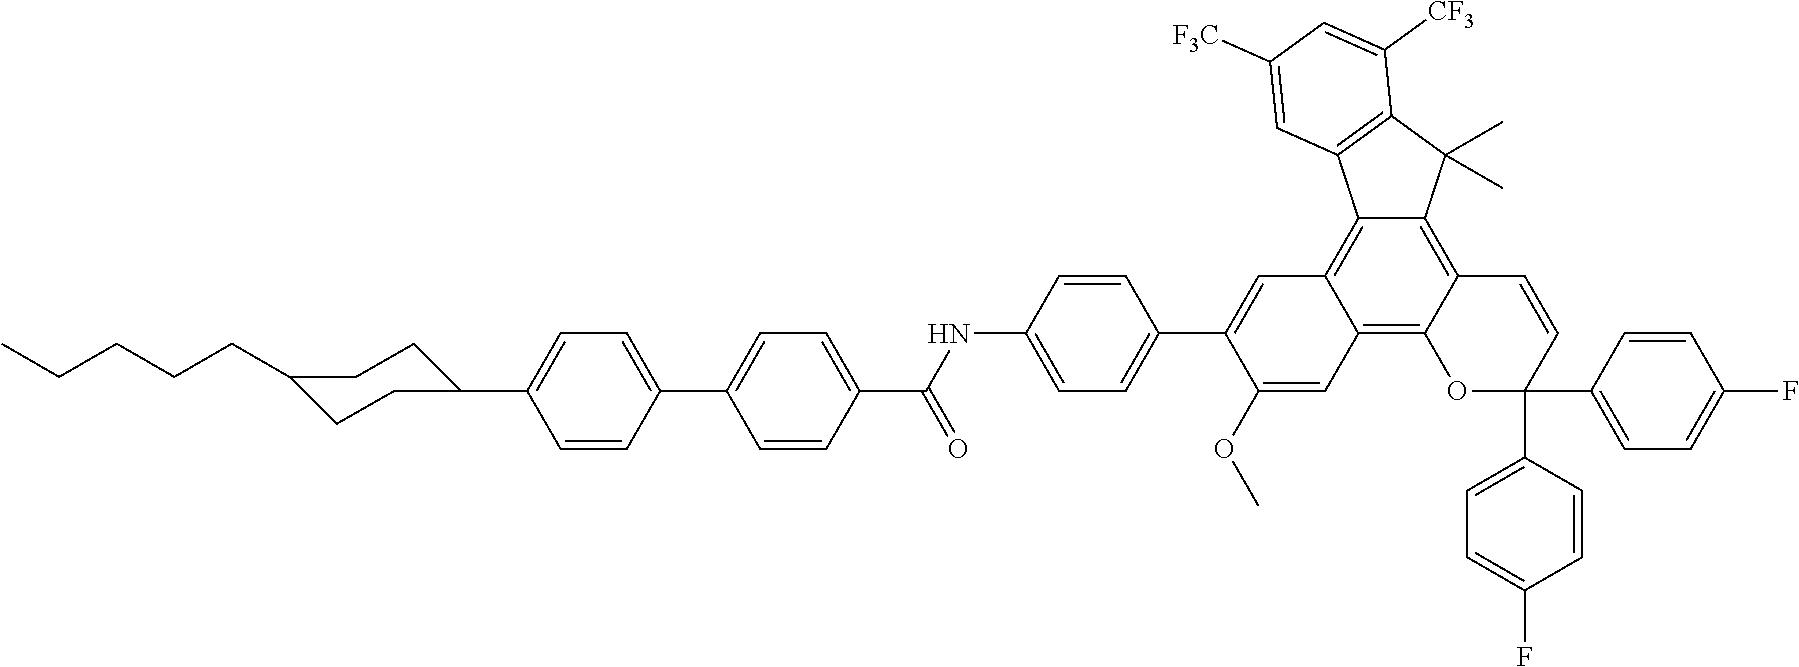 Figure US08518546-20130827-C00054